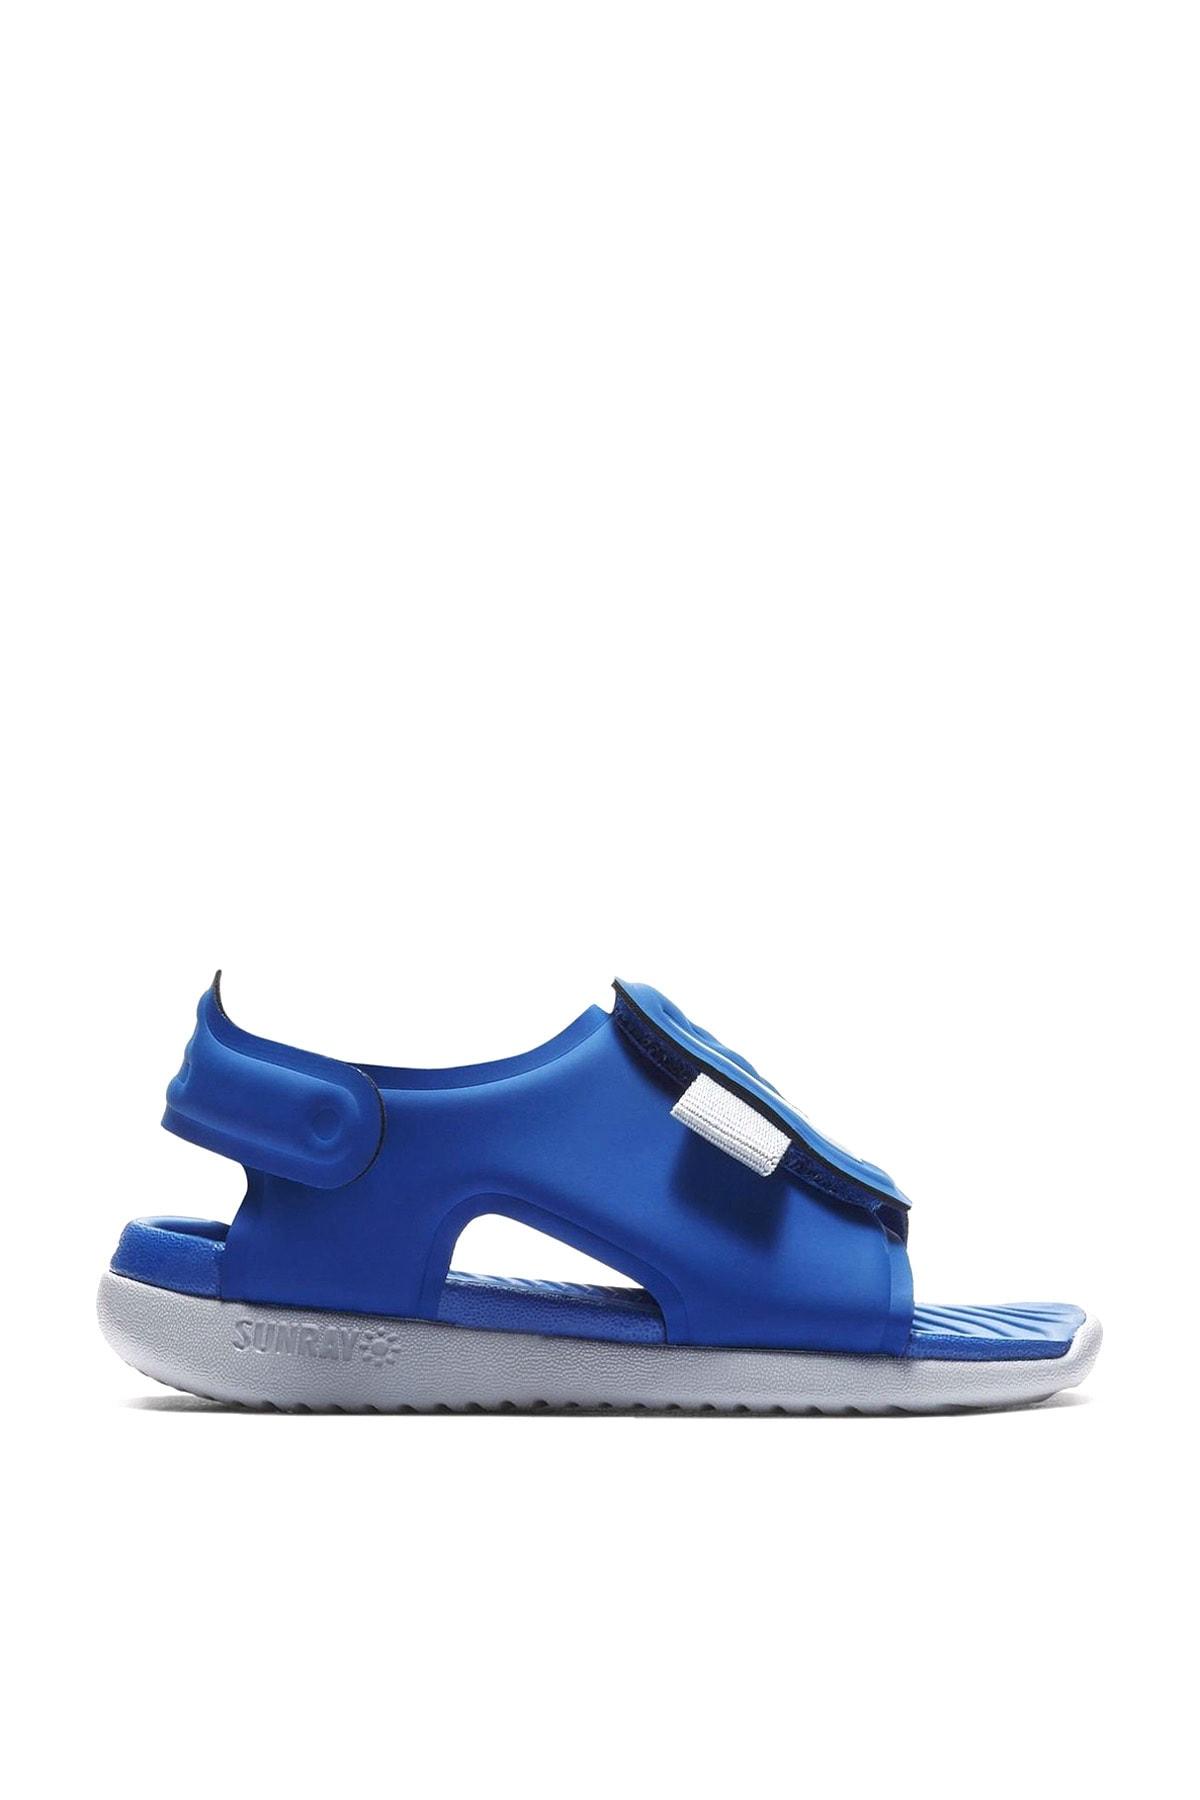 Nike Kids Sunray Adjust 5 Çocuk Sandalet 1